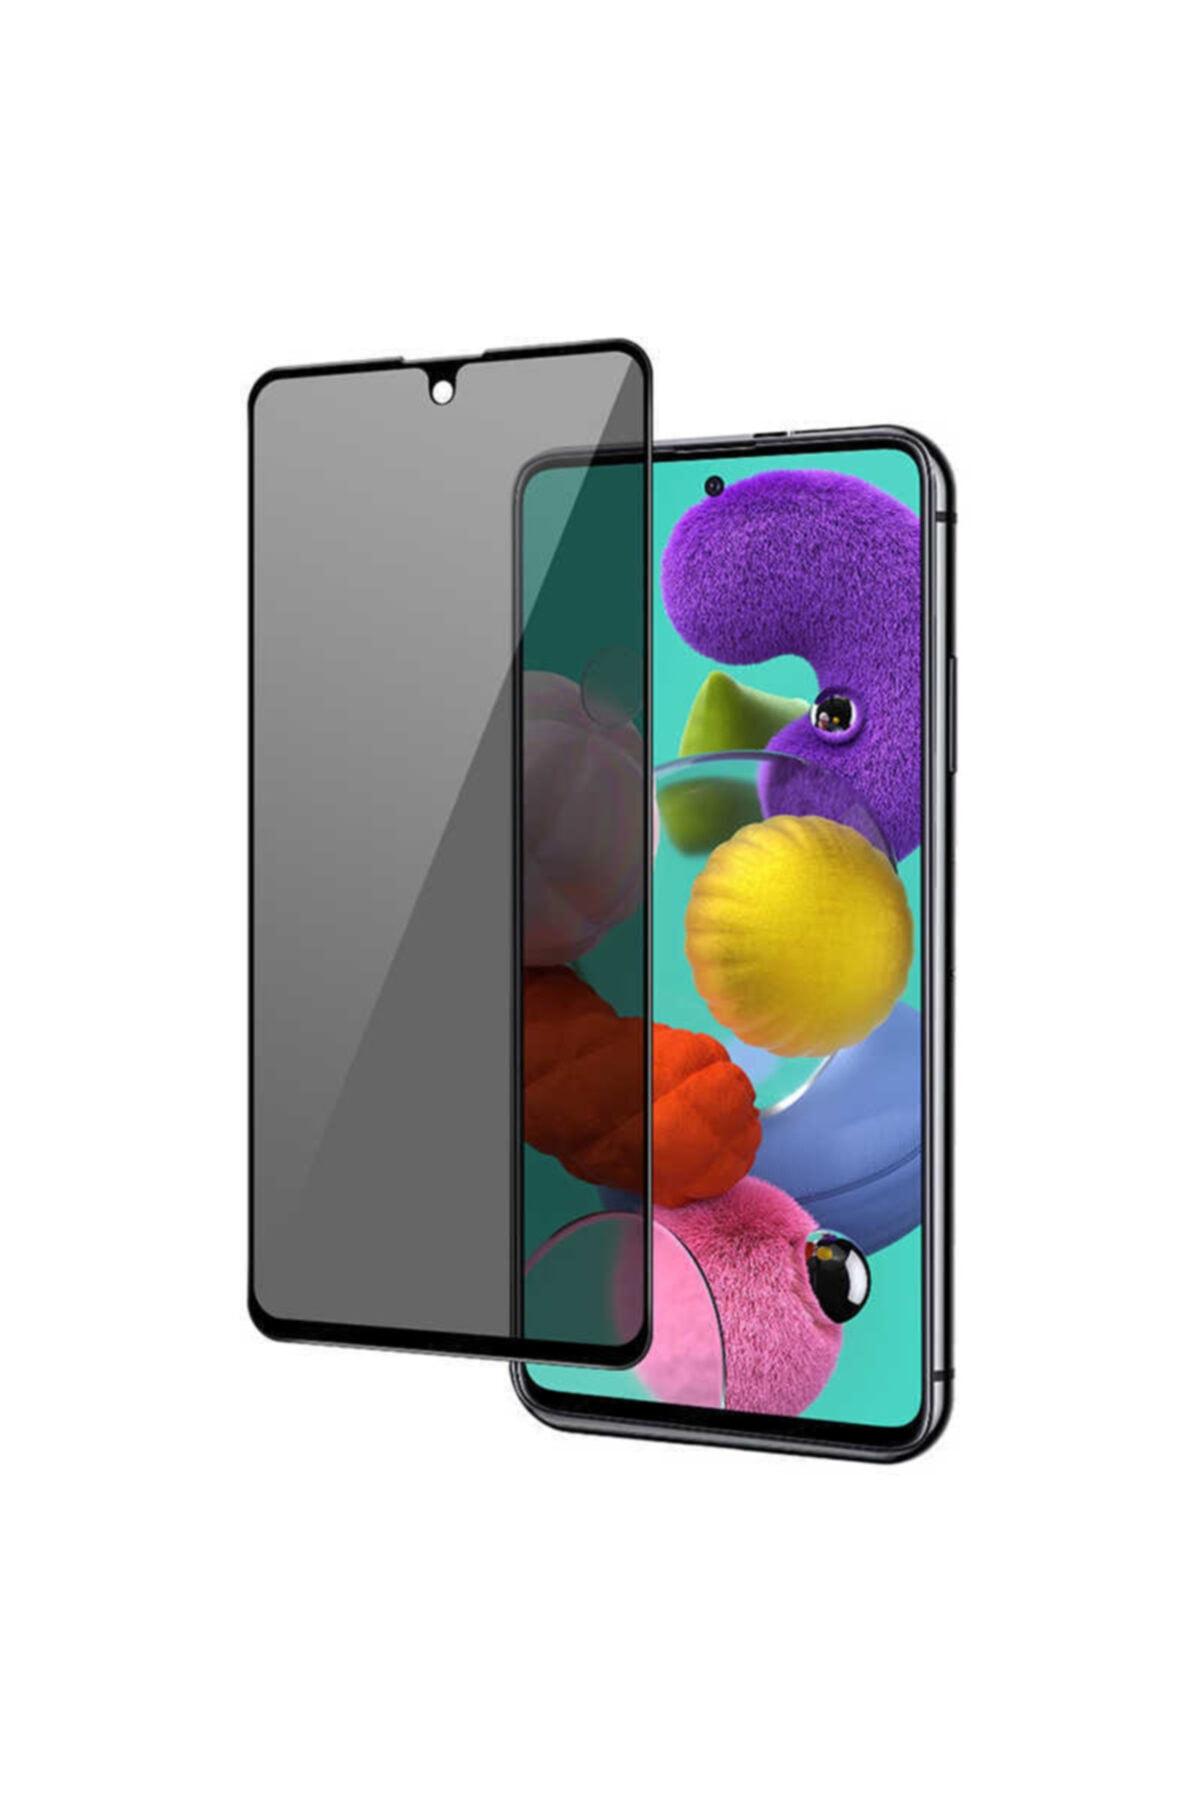 Fibaks Redmi Note 10s Uyumlu Ekran Koruyucu Temperli Kırılmaz Cam Privacy Hayalet Gizliklik Filtreli